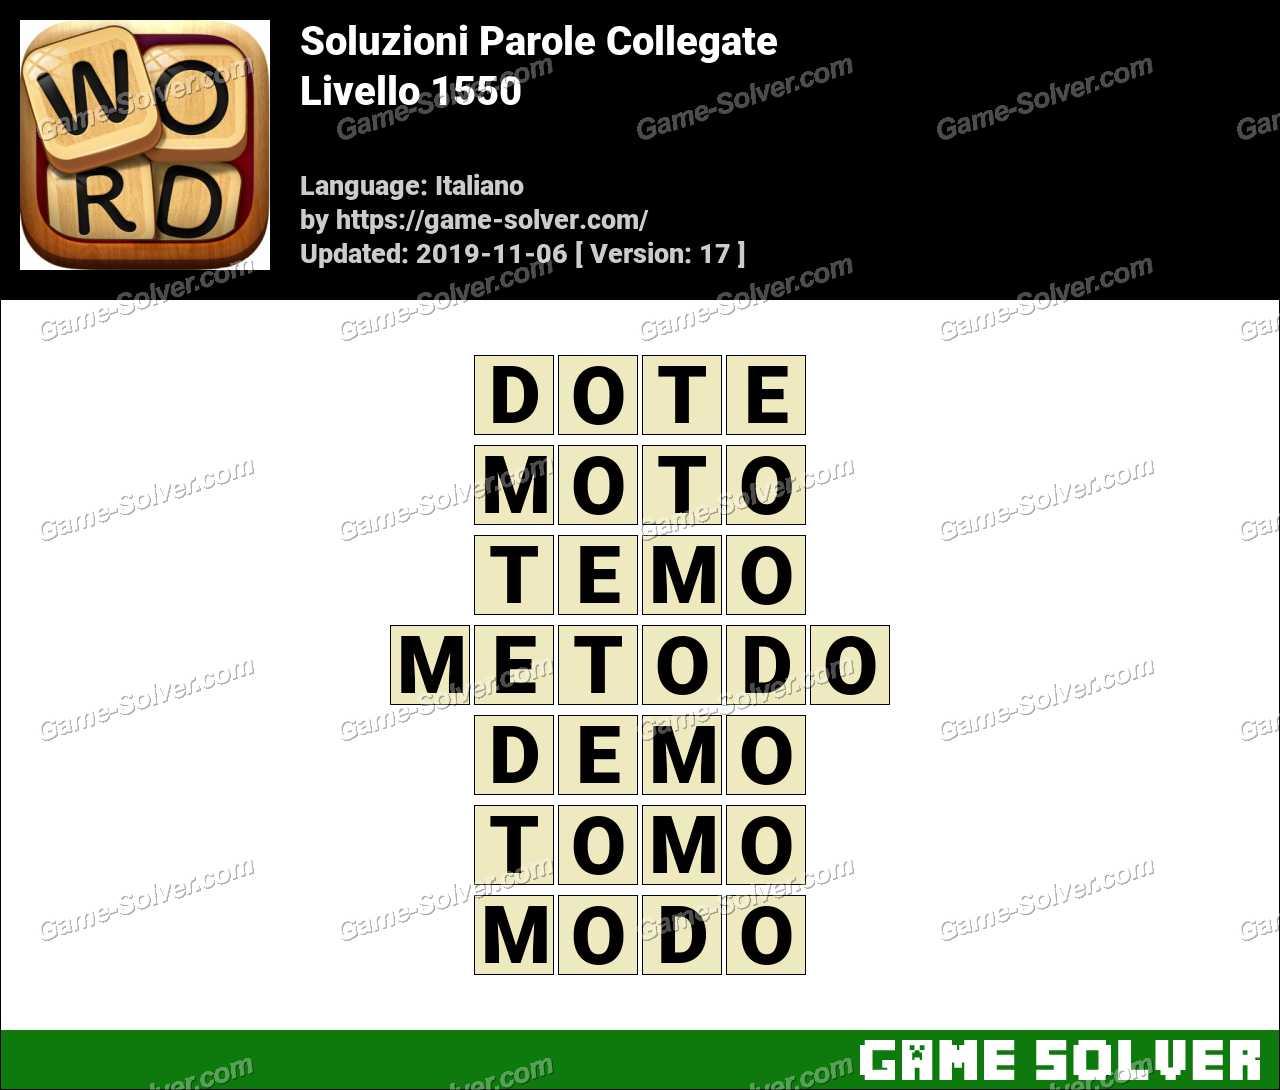 Soluzioni Parole Collegate Livello 1550